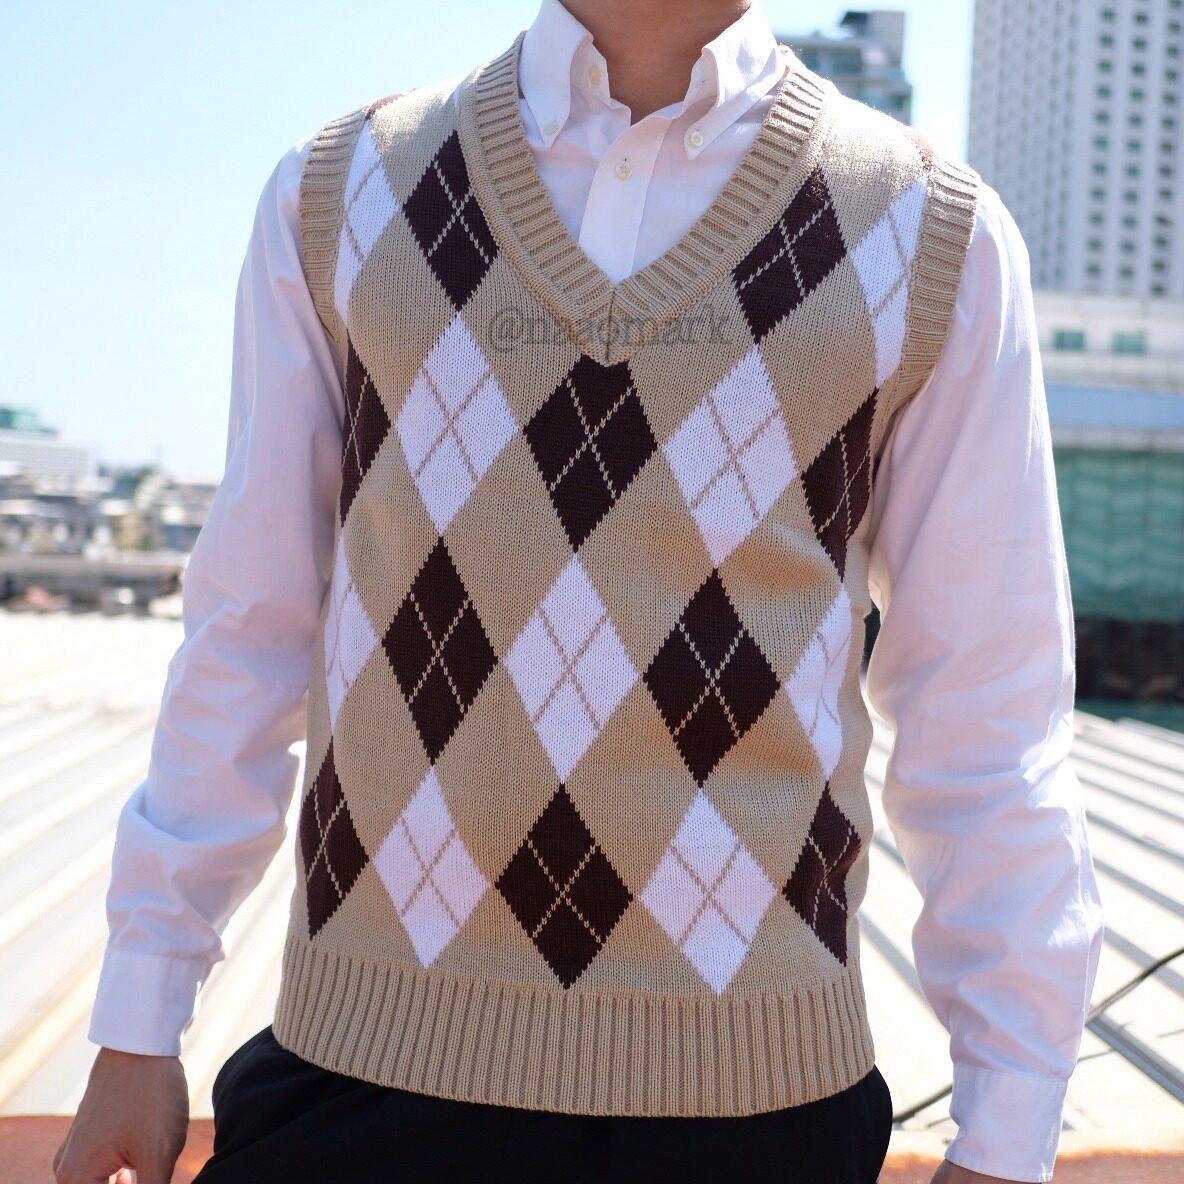 9104 เสื้อกั๊ก ไหมพรม คอวี ข้าวหลามตัด เสื้อกันหนาว Naao Mark หนาวมาก.